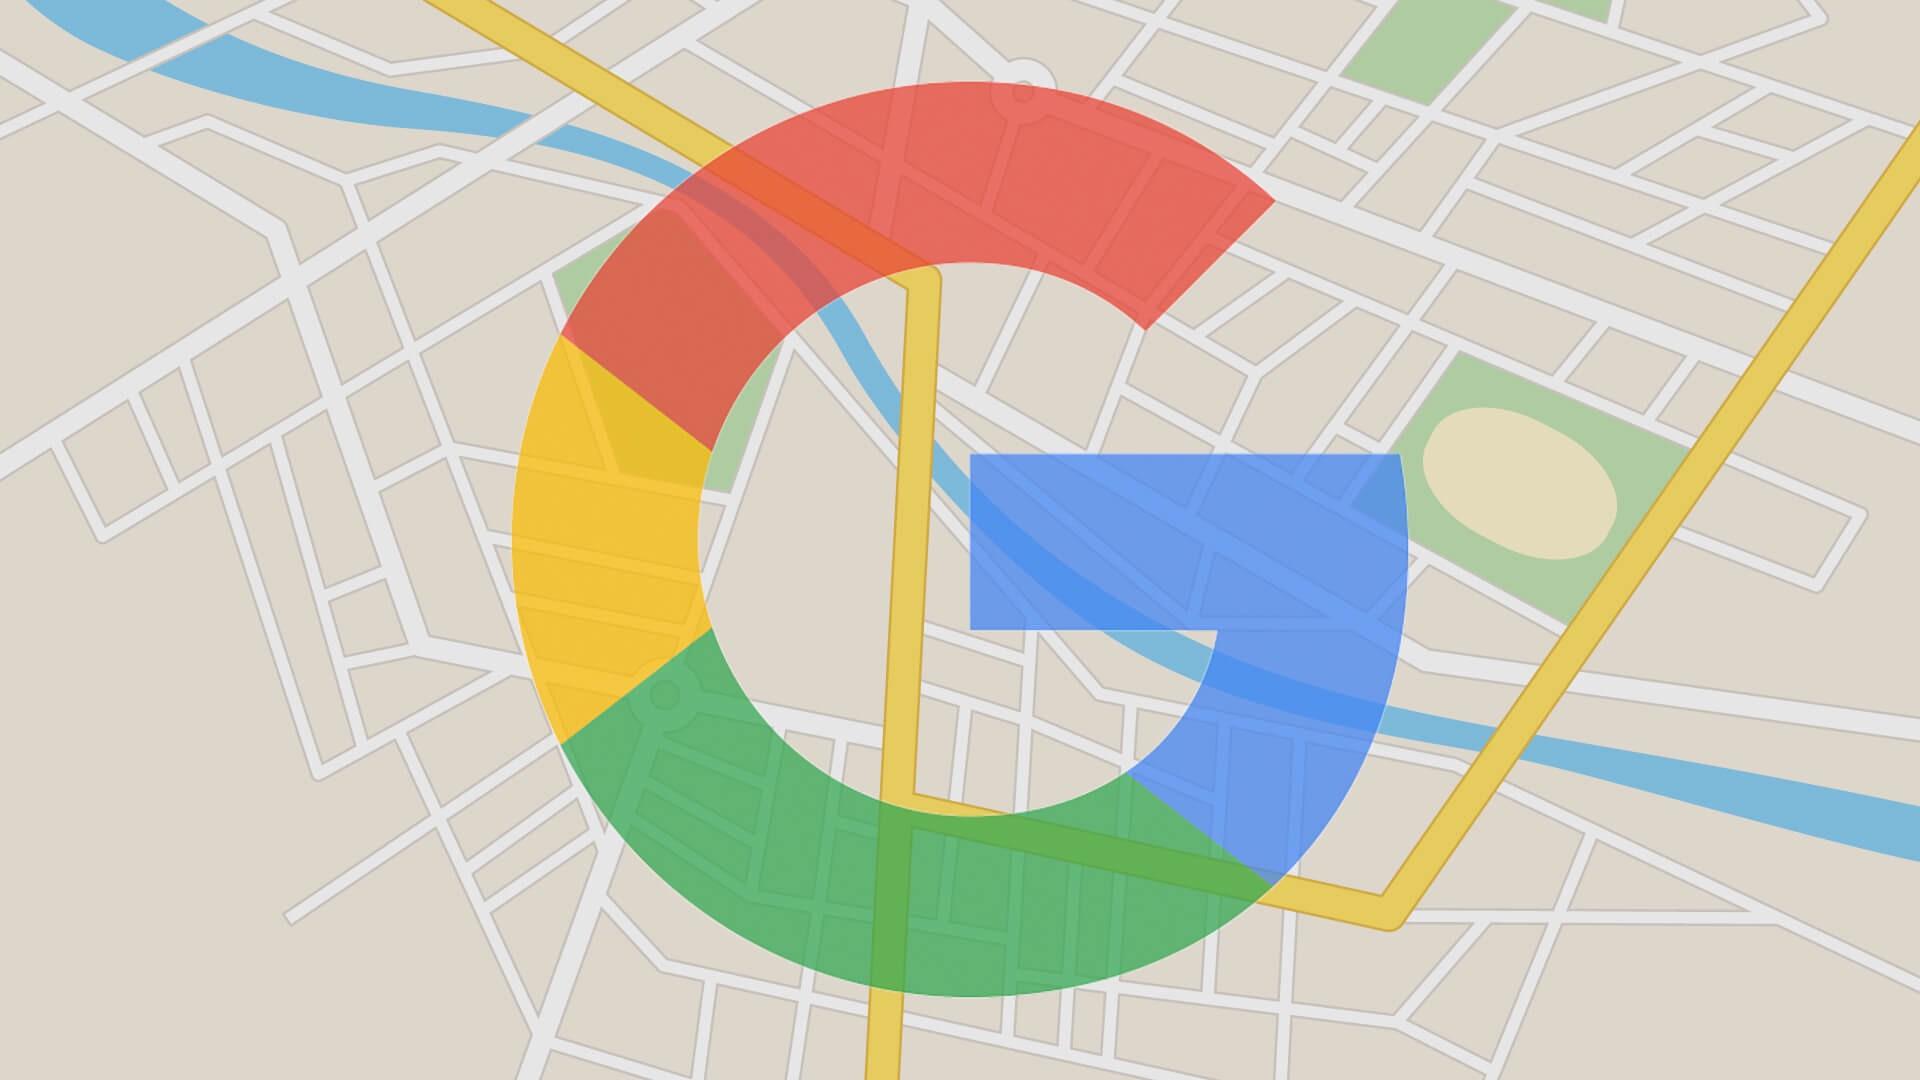 Google odwołuje prima aprillis i przekazuje 800 milionów dolarów poszkodowanym w wyniku pandemii 27